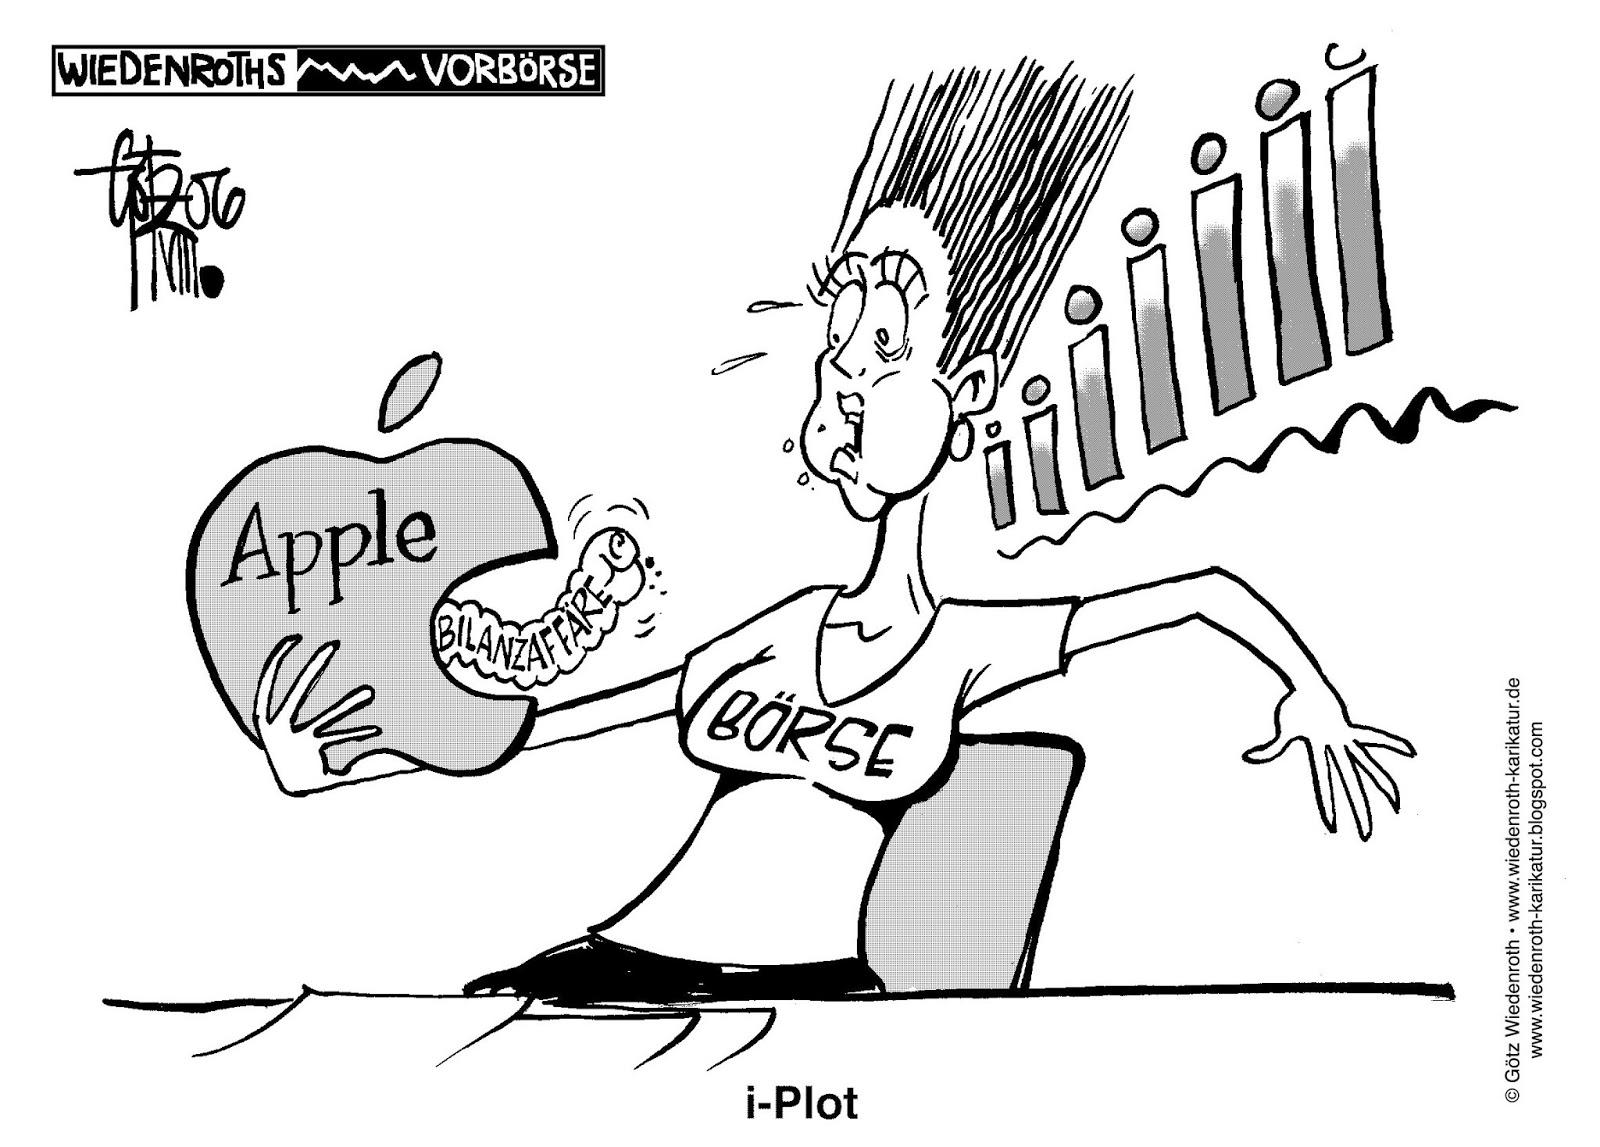 Karikamur Karikatur Wiedenroth 23052013